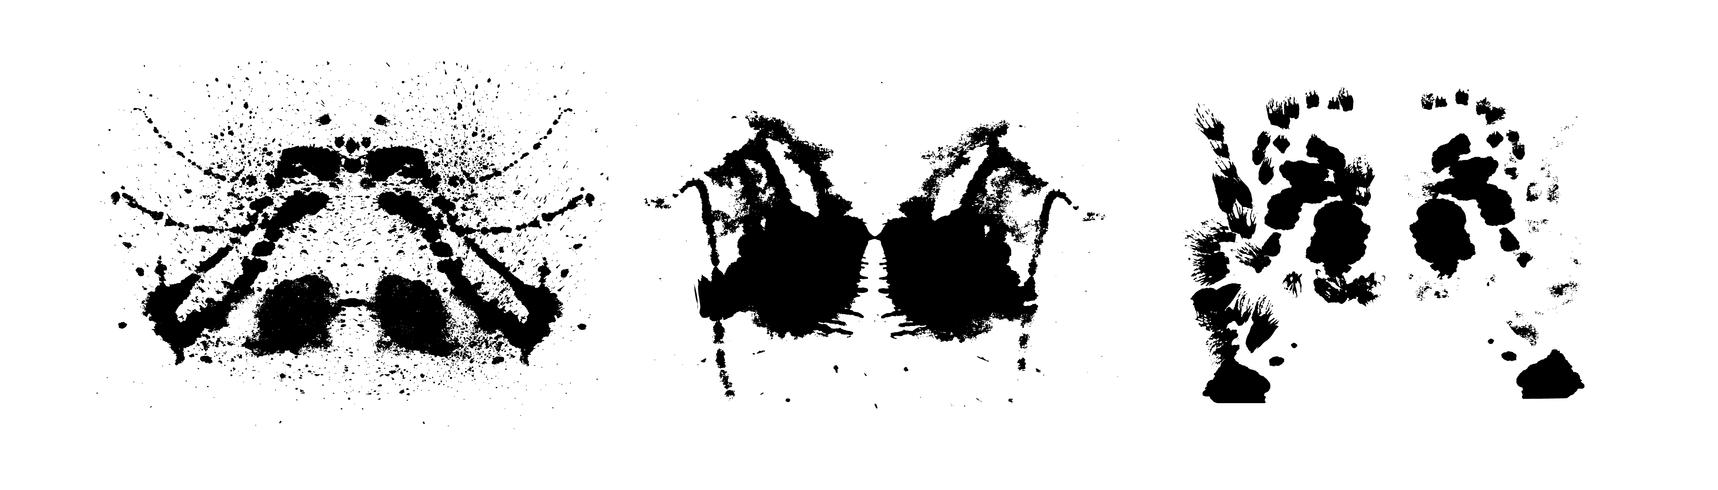 Rorschach Inkblot-Test symmetrische abstrakte Tintenflecken vektor